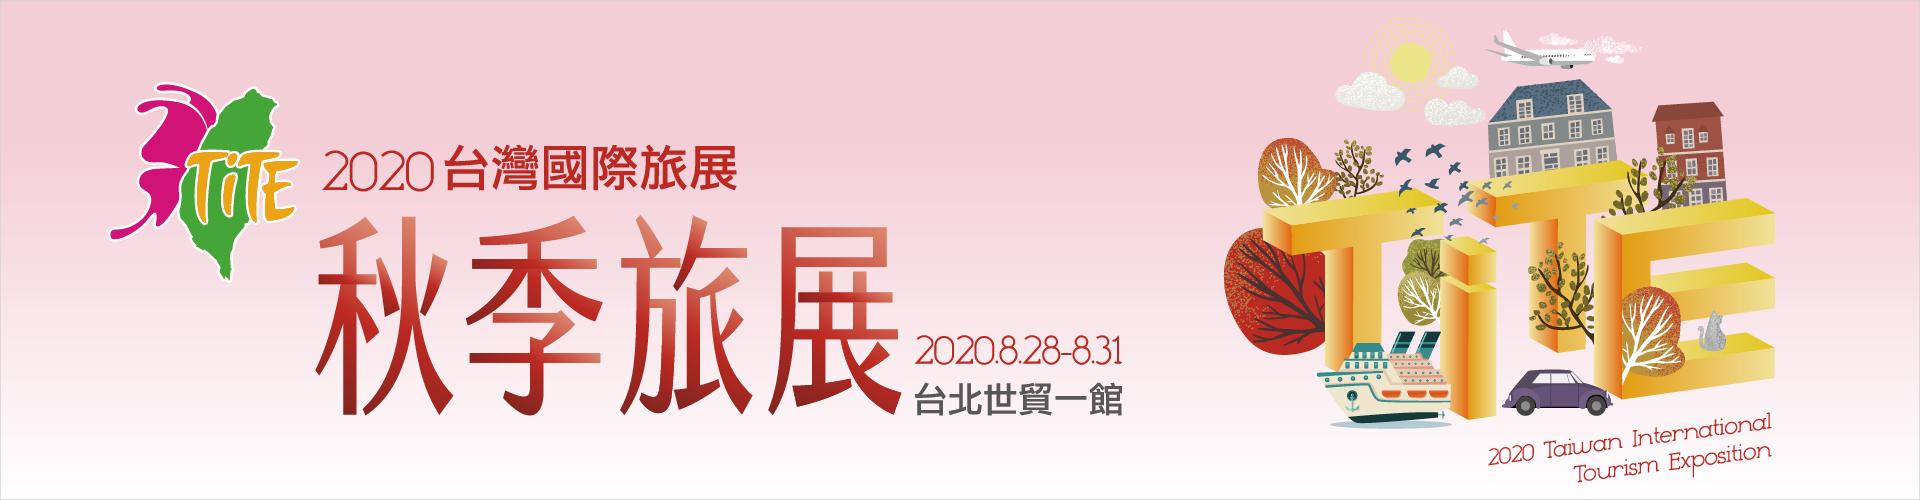 2020台灣國際旅遊展